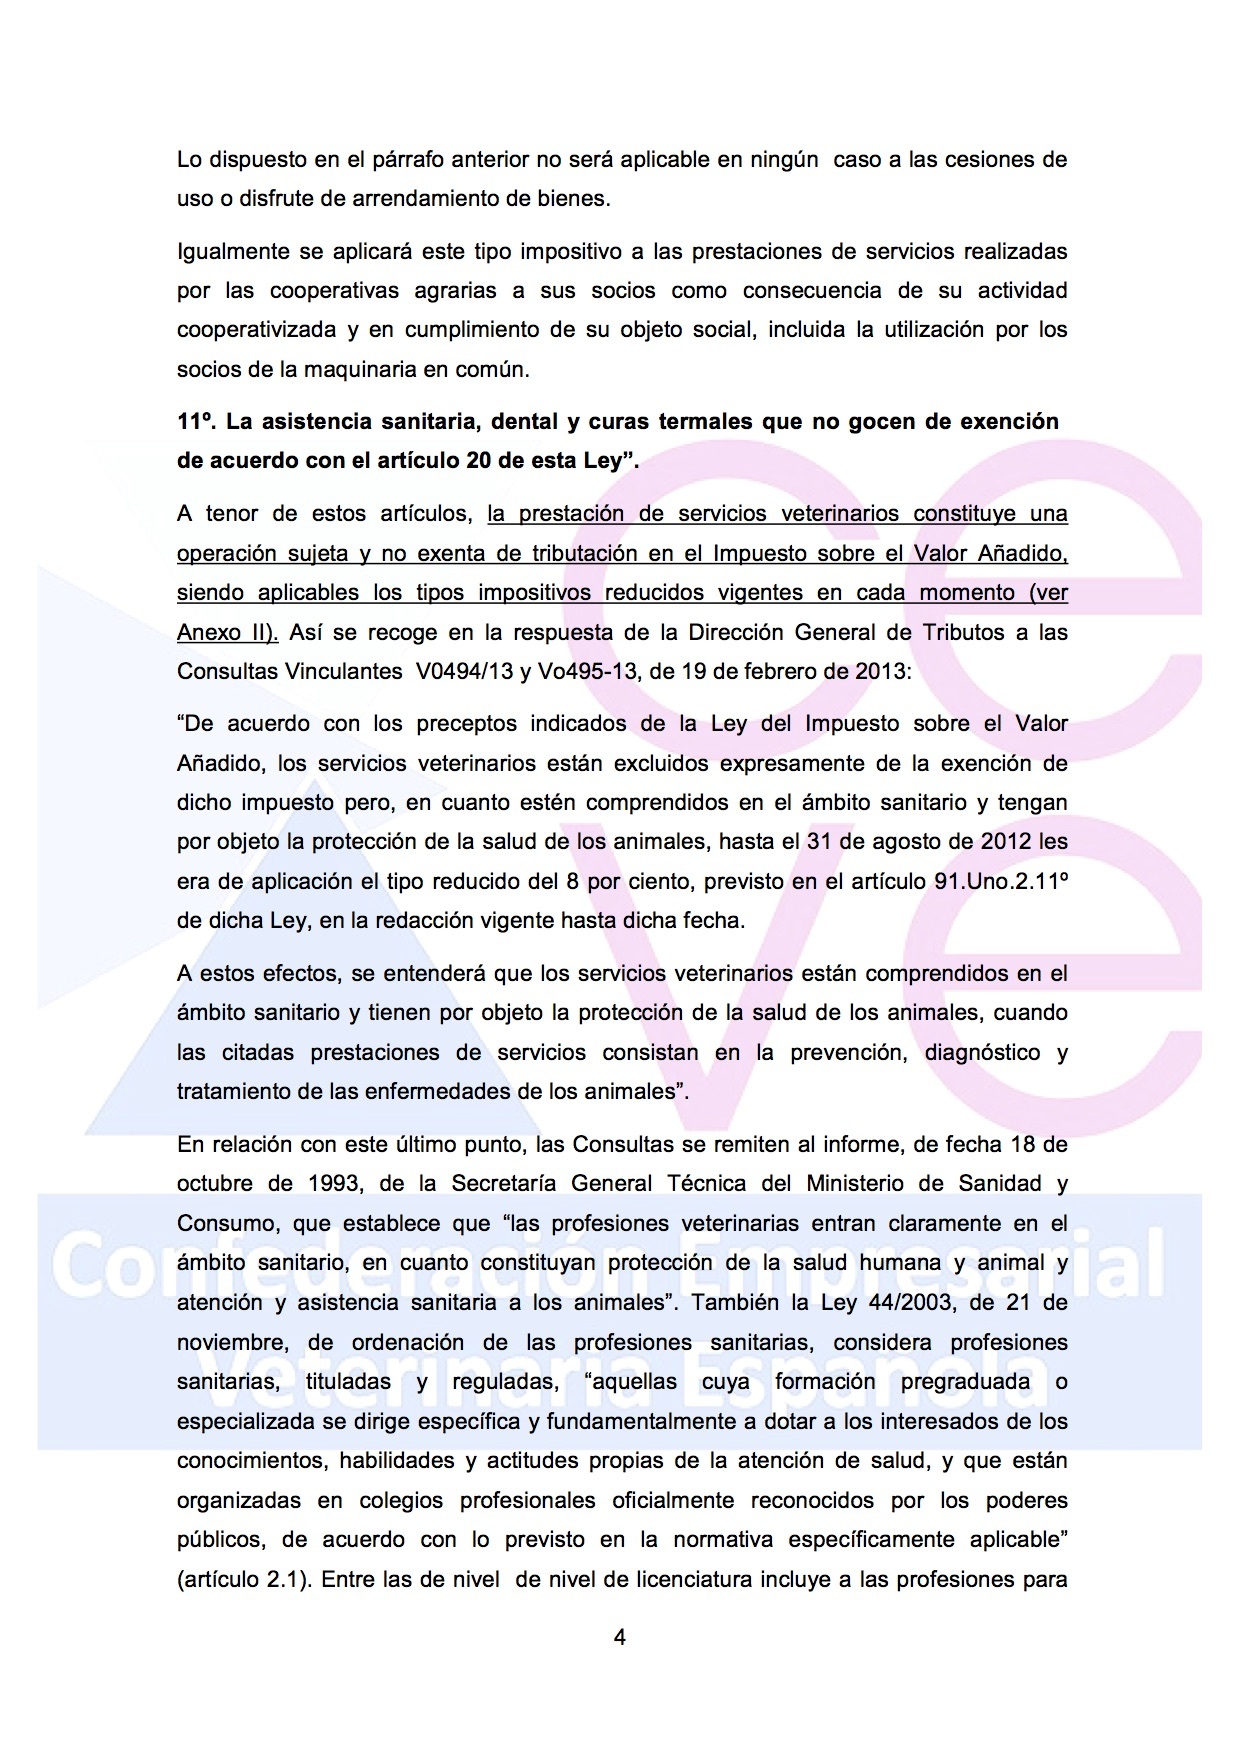 dictamen-aplicacion4-iva-servicios-veterinarios